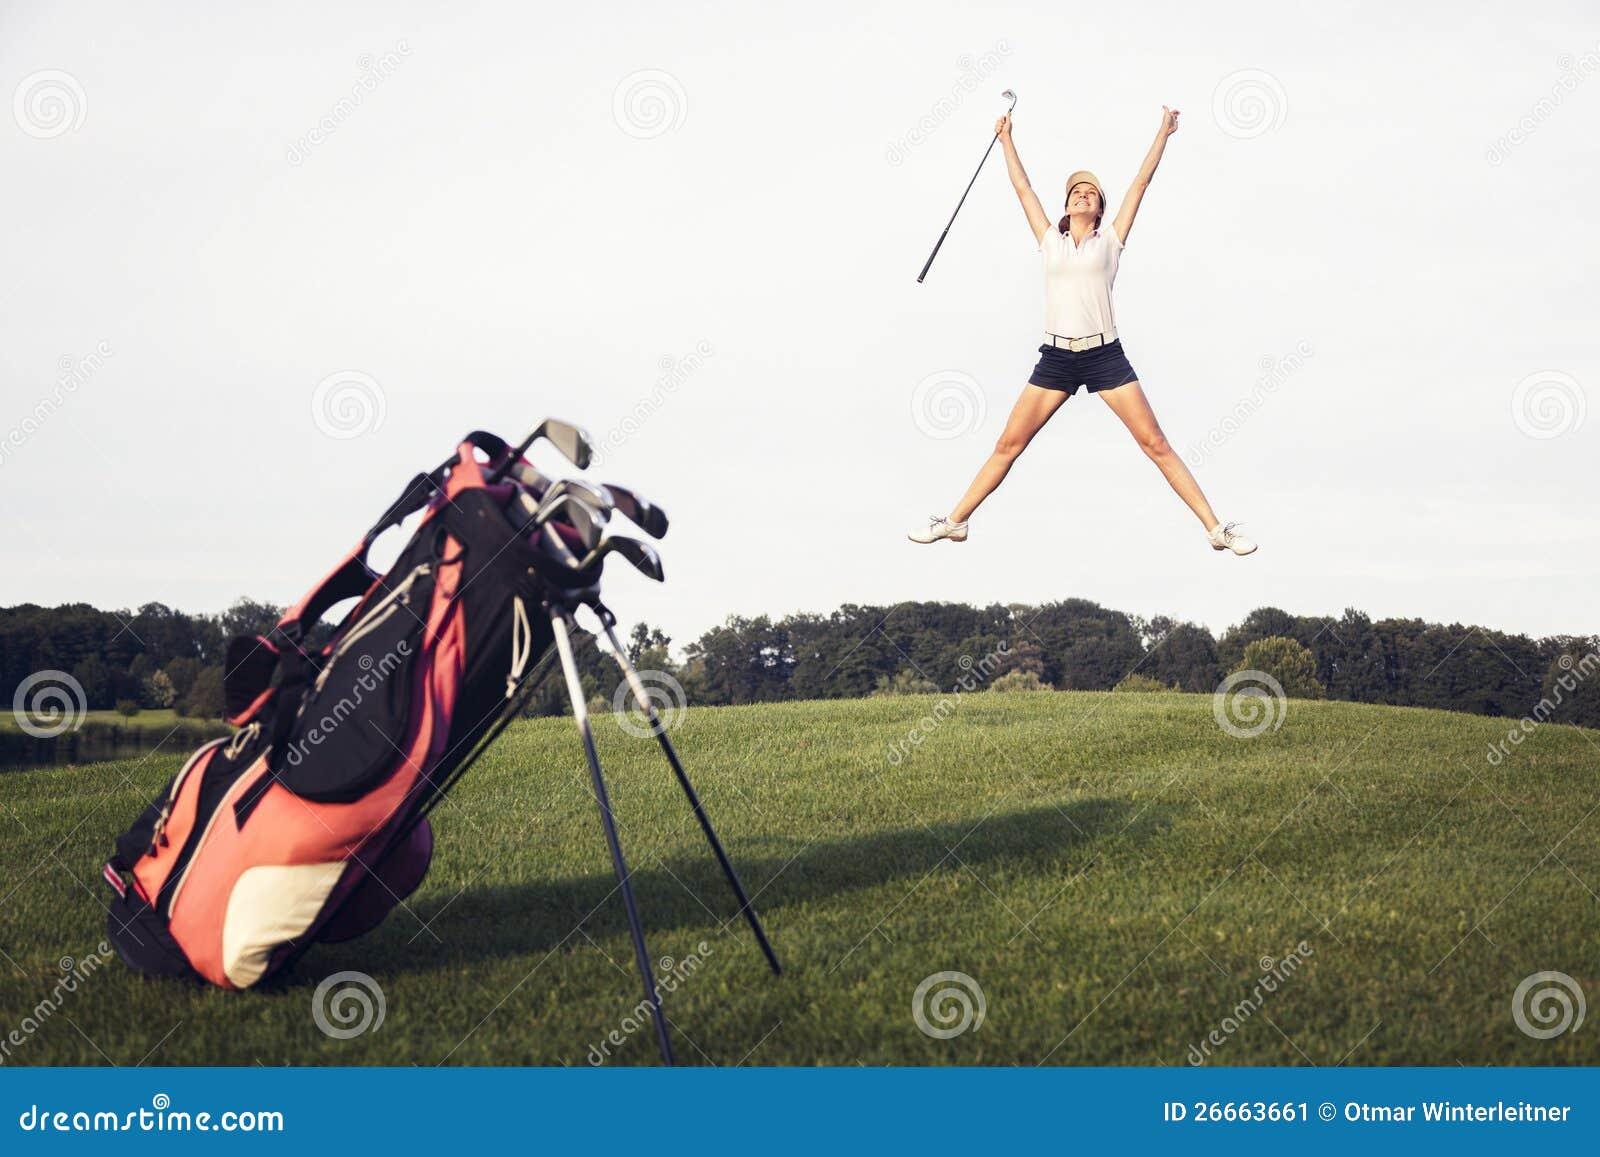 Jugador de golf feliz que salta en campo de golf.